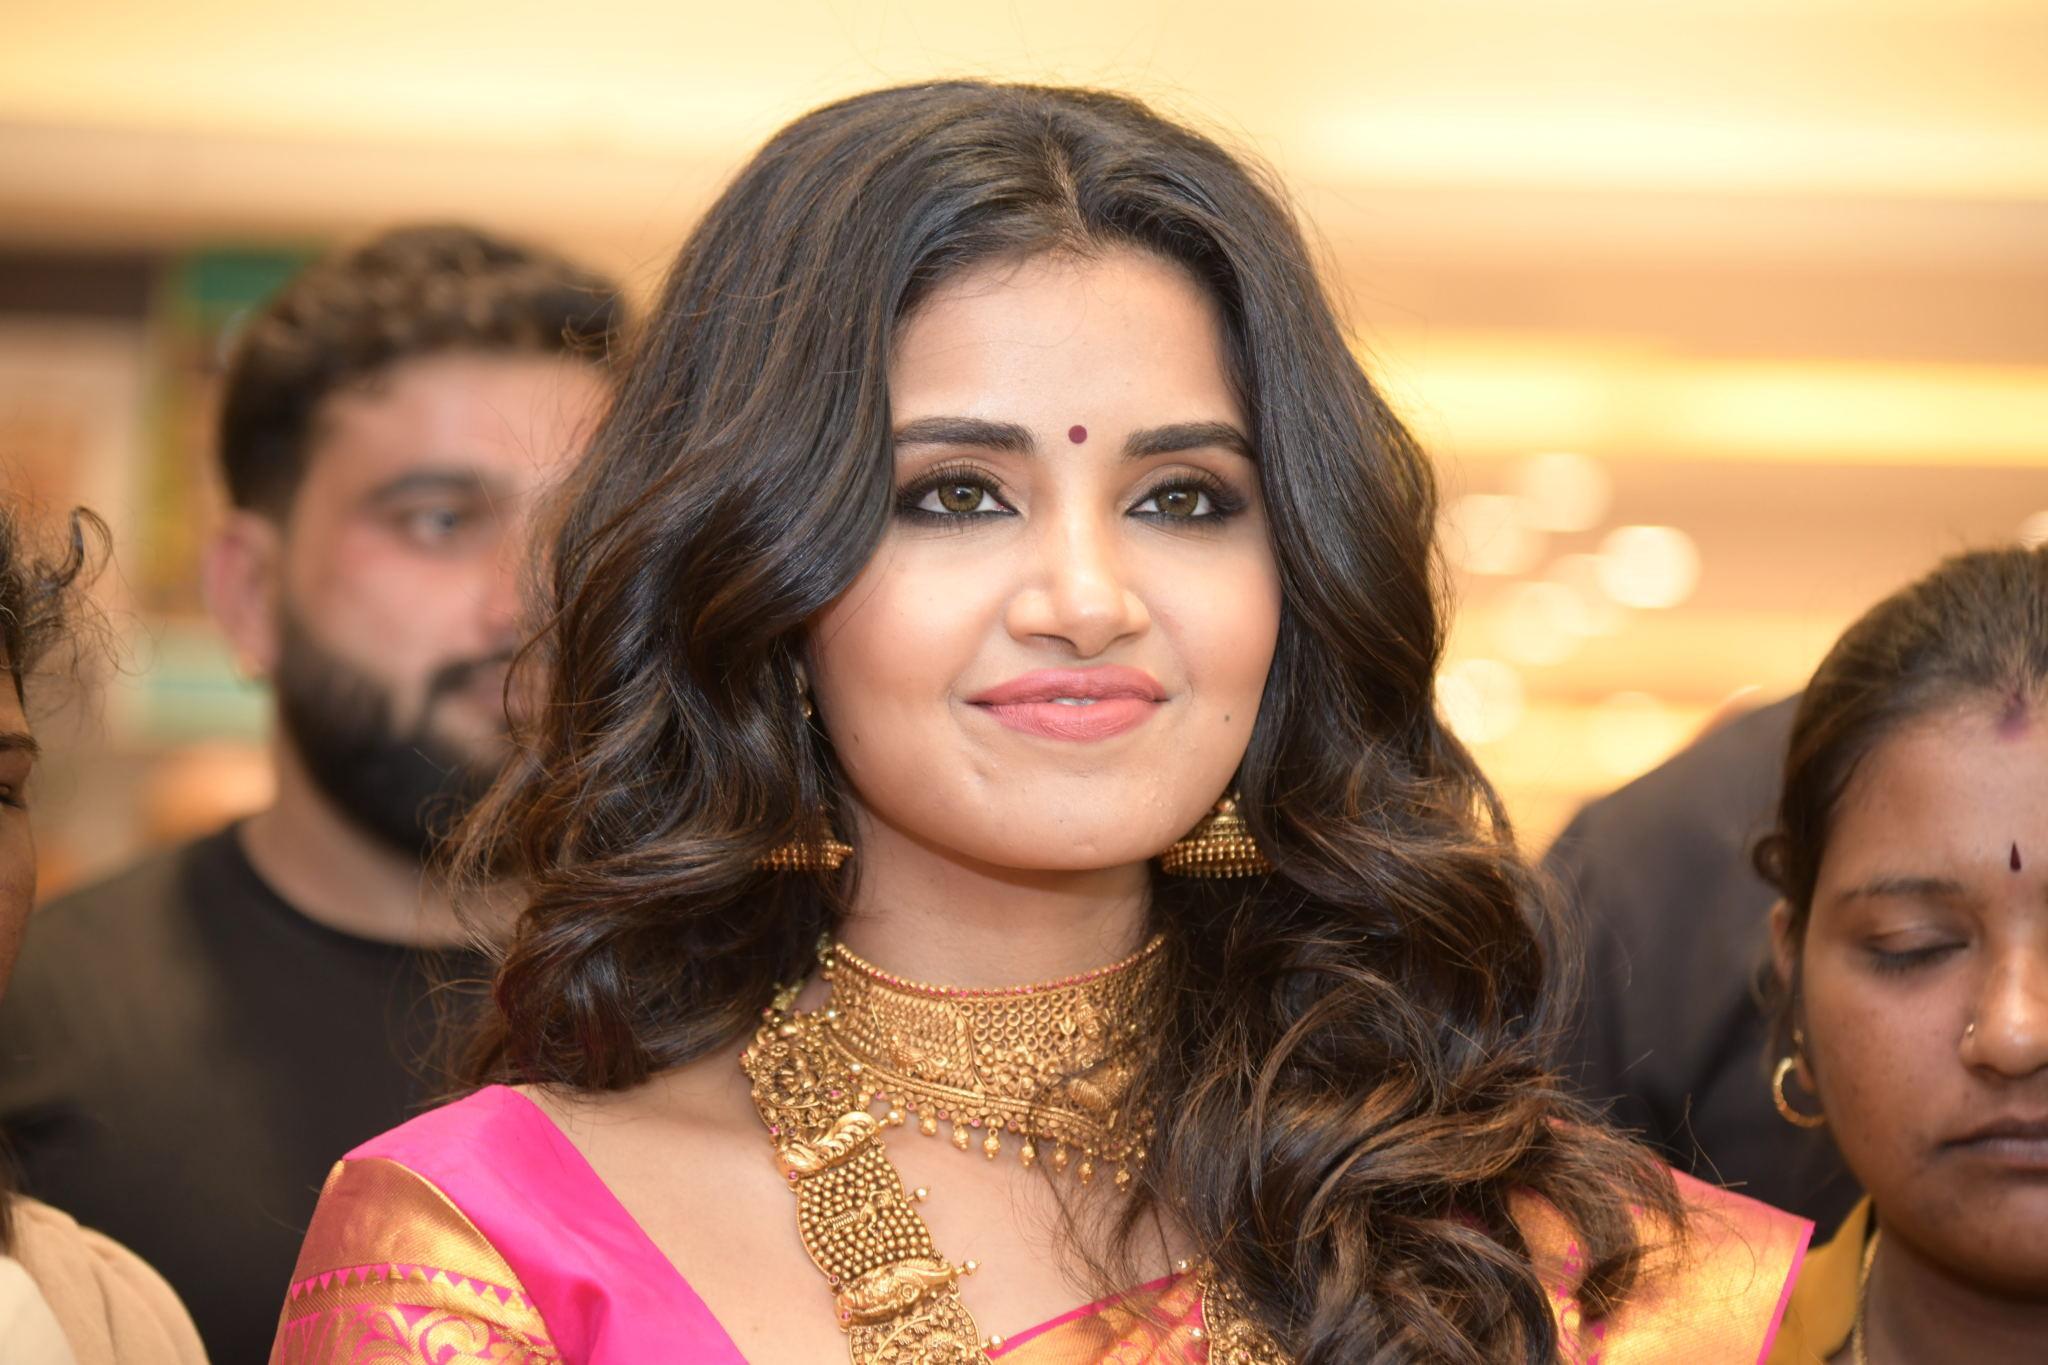 anupama parameswaran photos 2019 silk saree